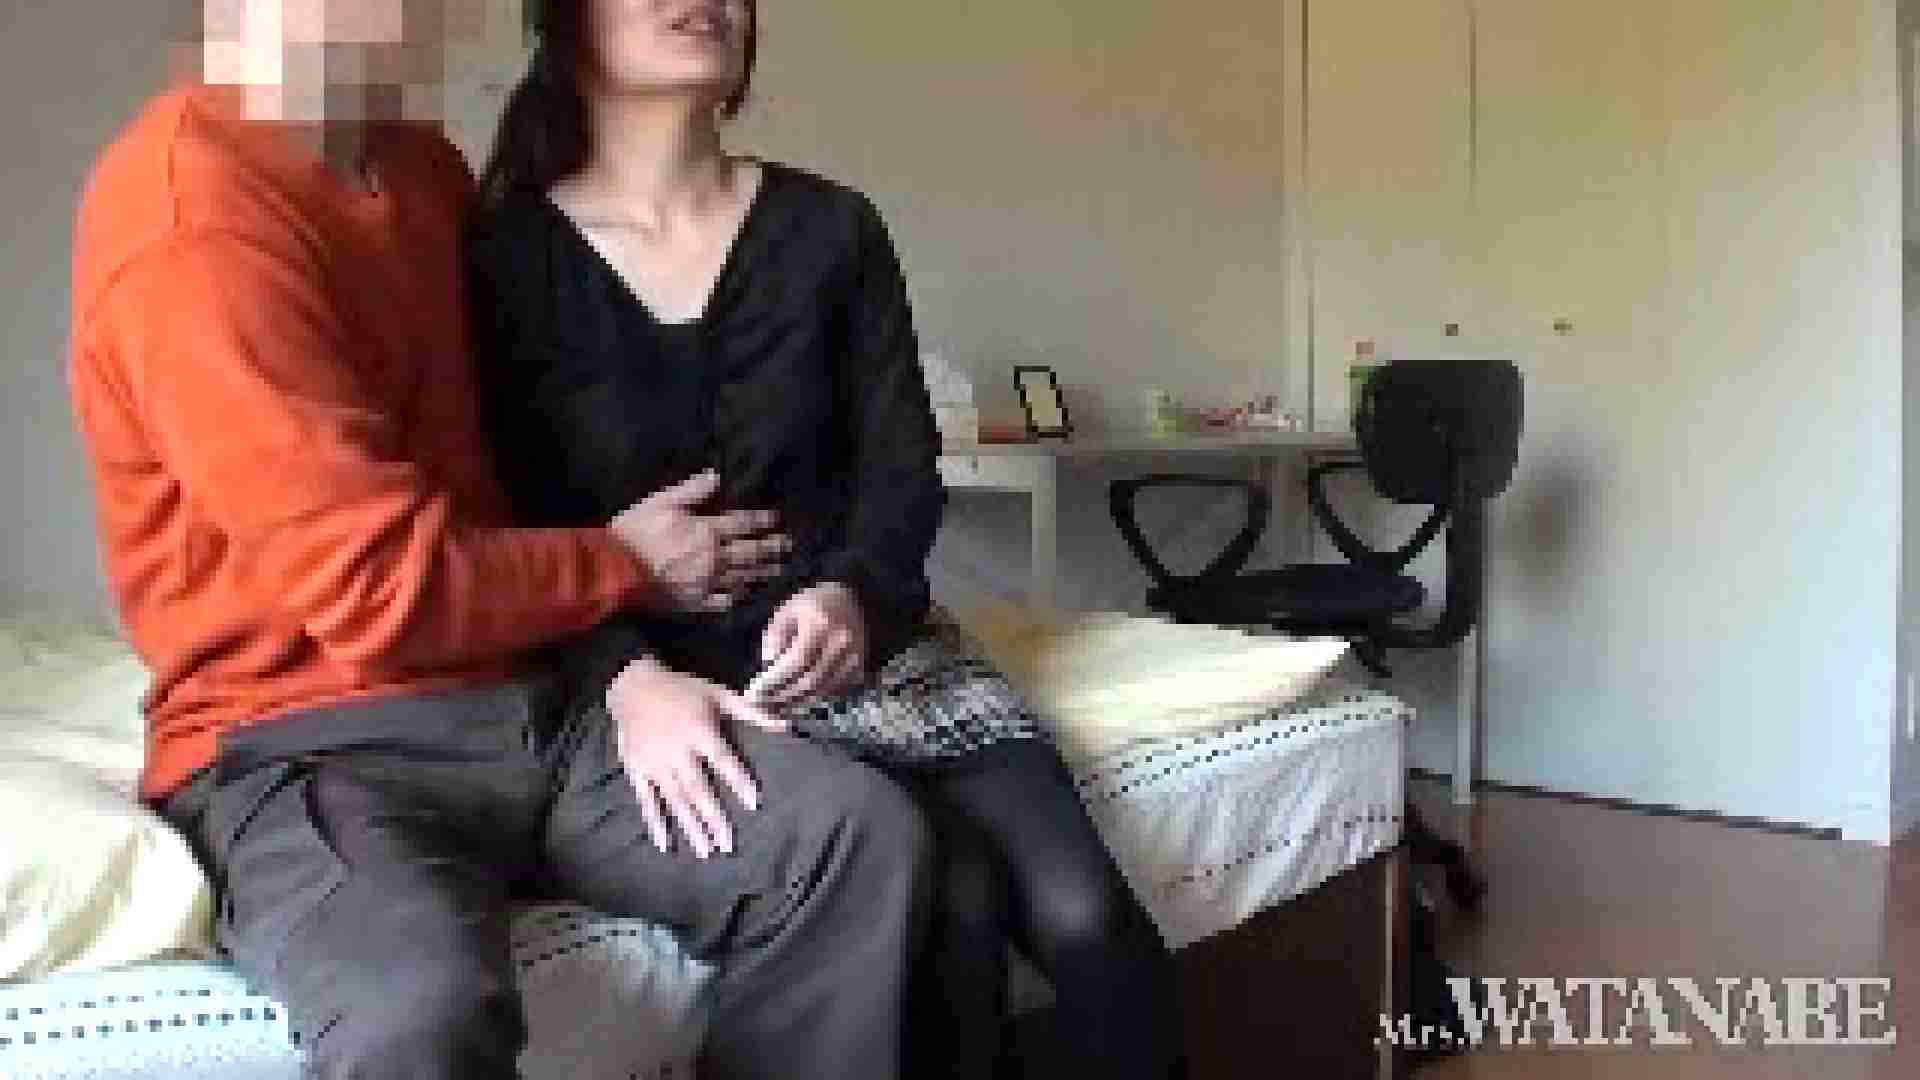 SNSで出会った人妻をハメ撮りしちゃいます 2回目 前編 投稿 | 人妻エロ映像  105pic 46